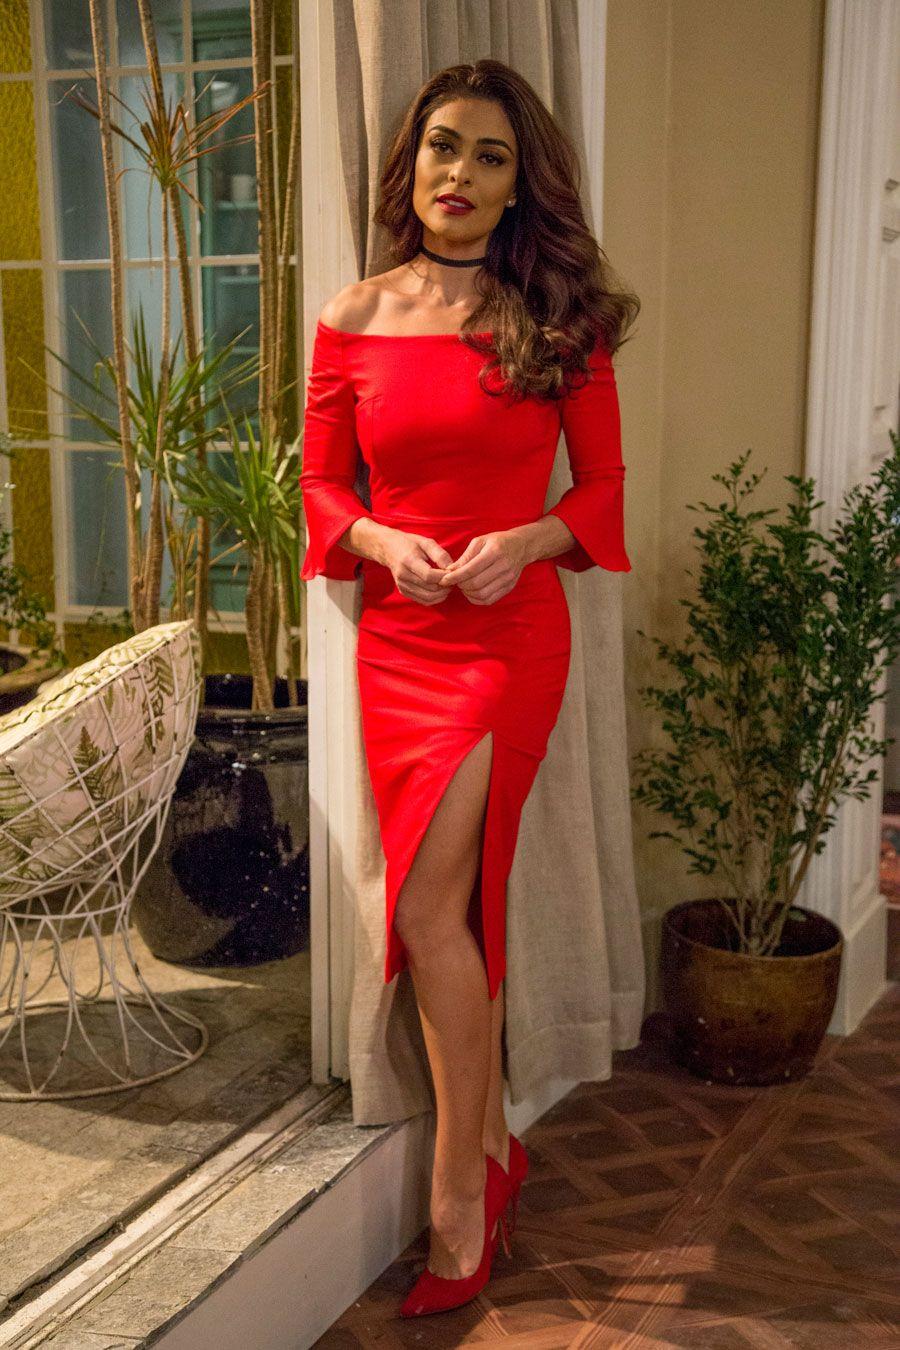 Vestido Vermelho Curto para Casamento Festa e Fotos